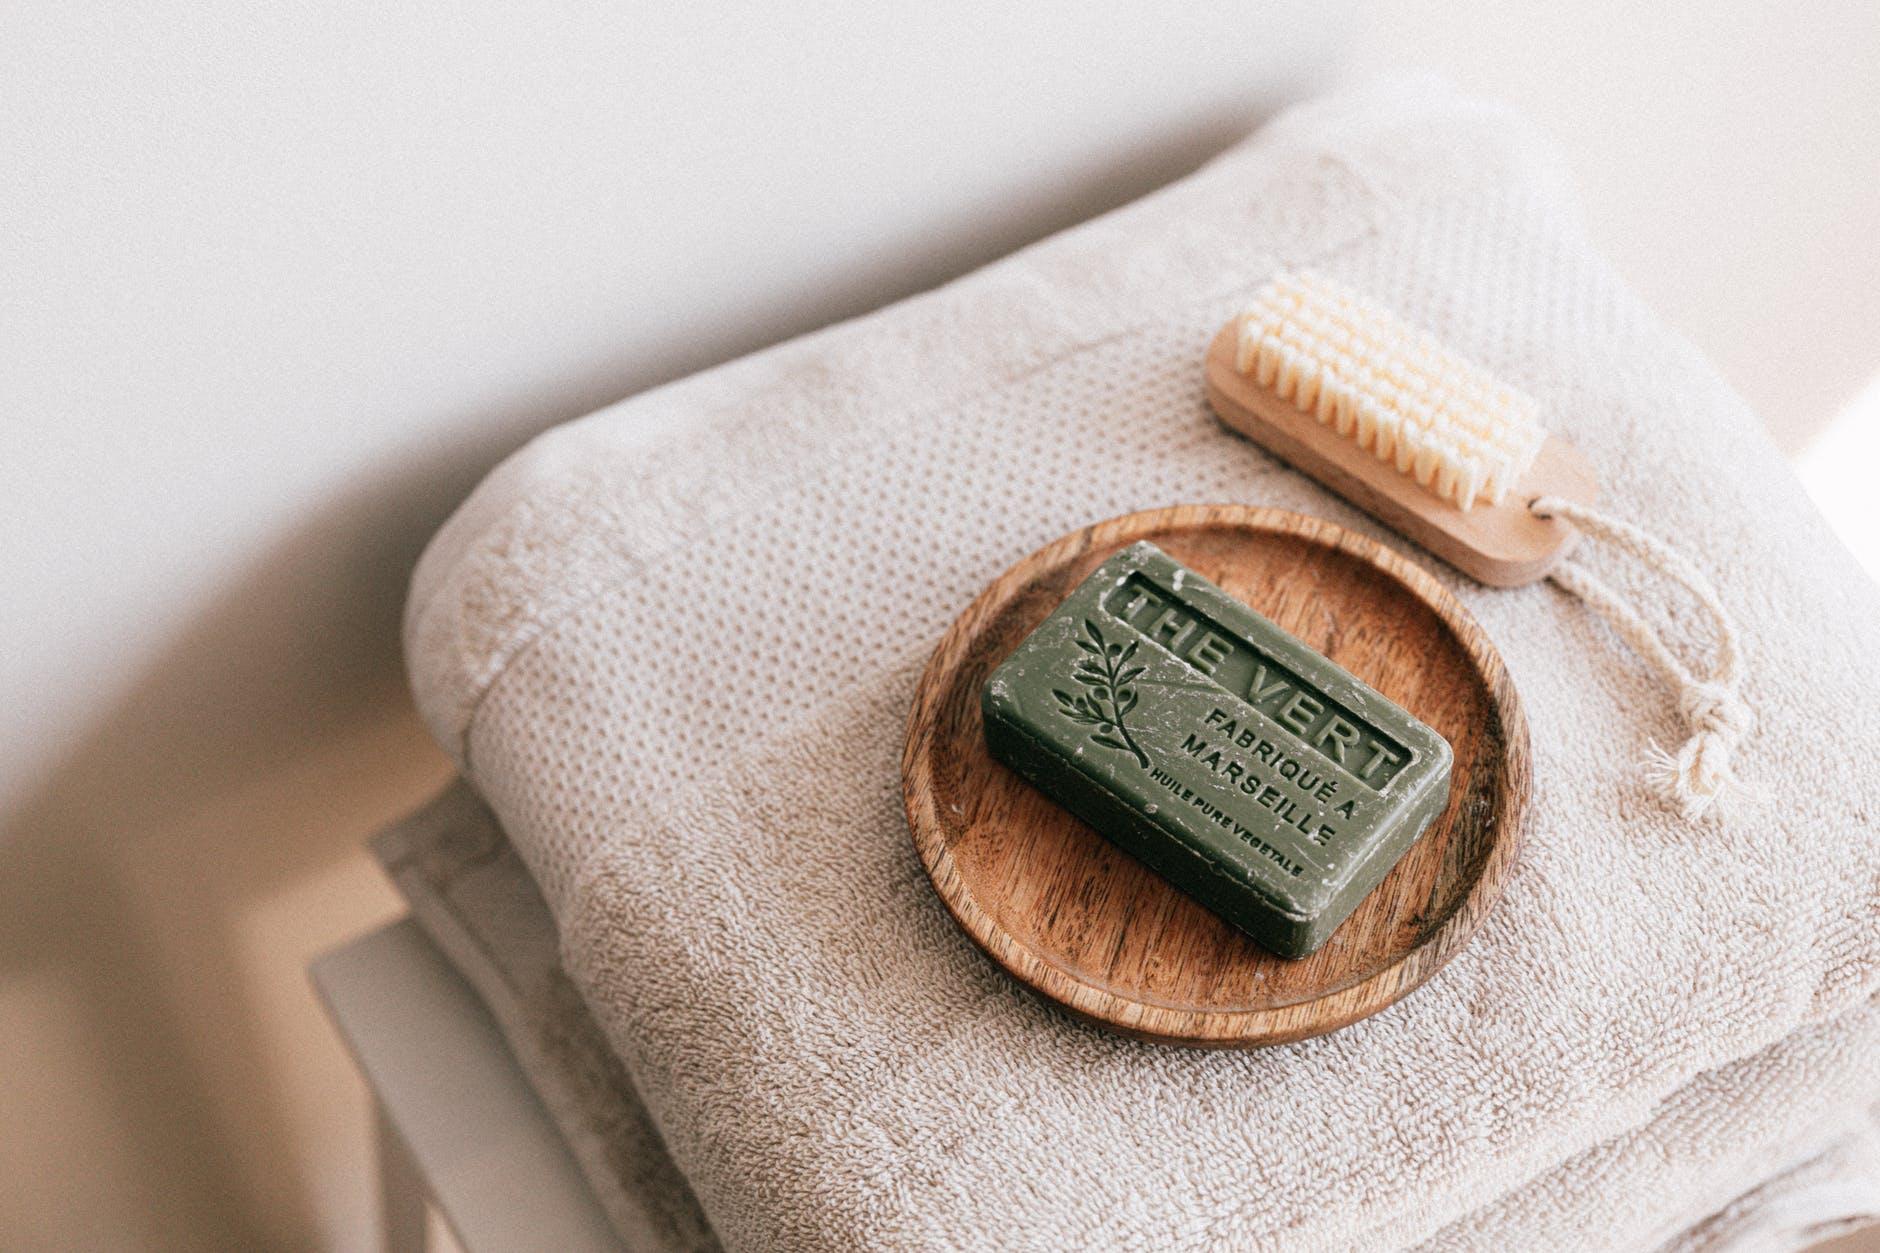 salle de bain naturelle zéro déchet savon serviette